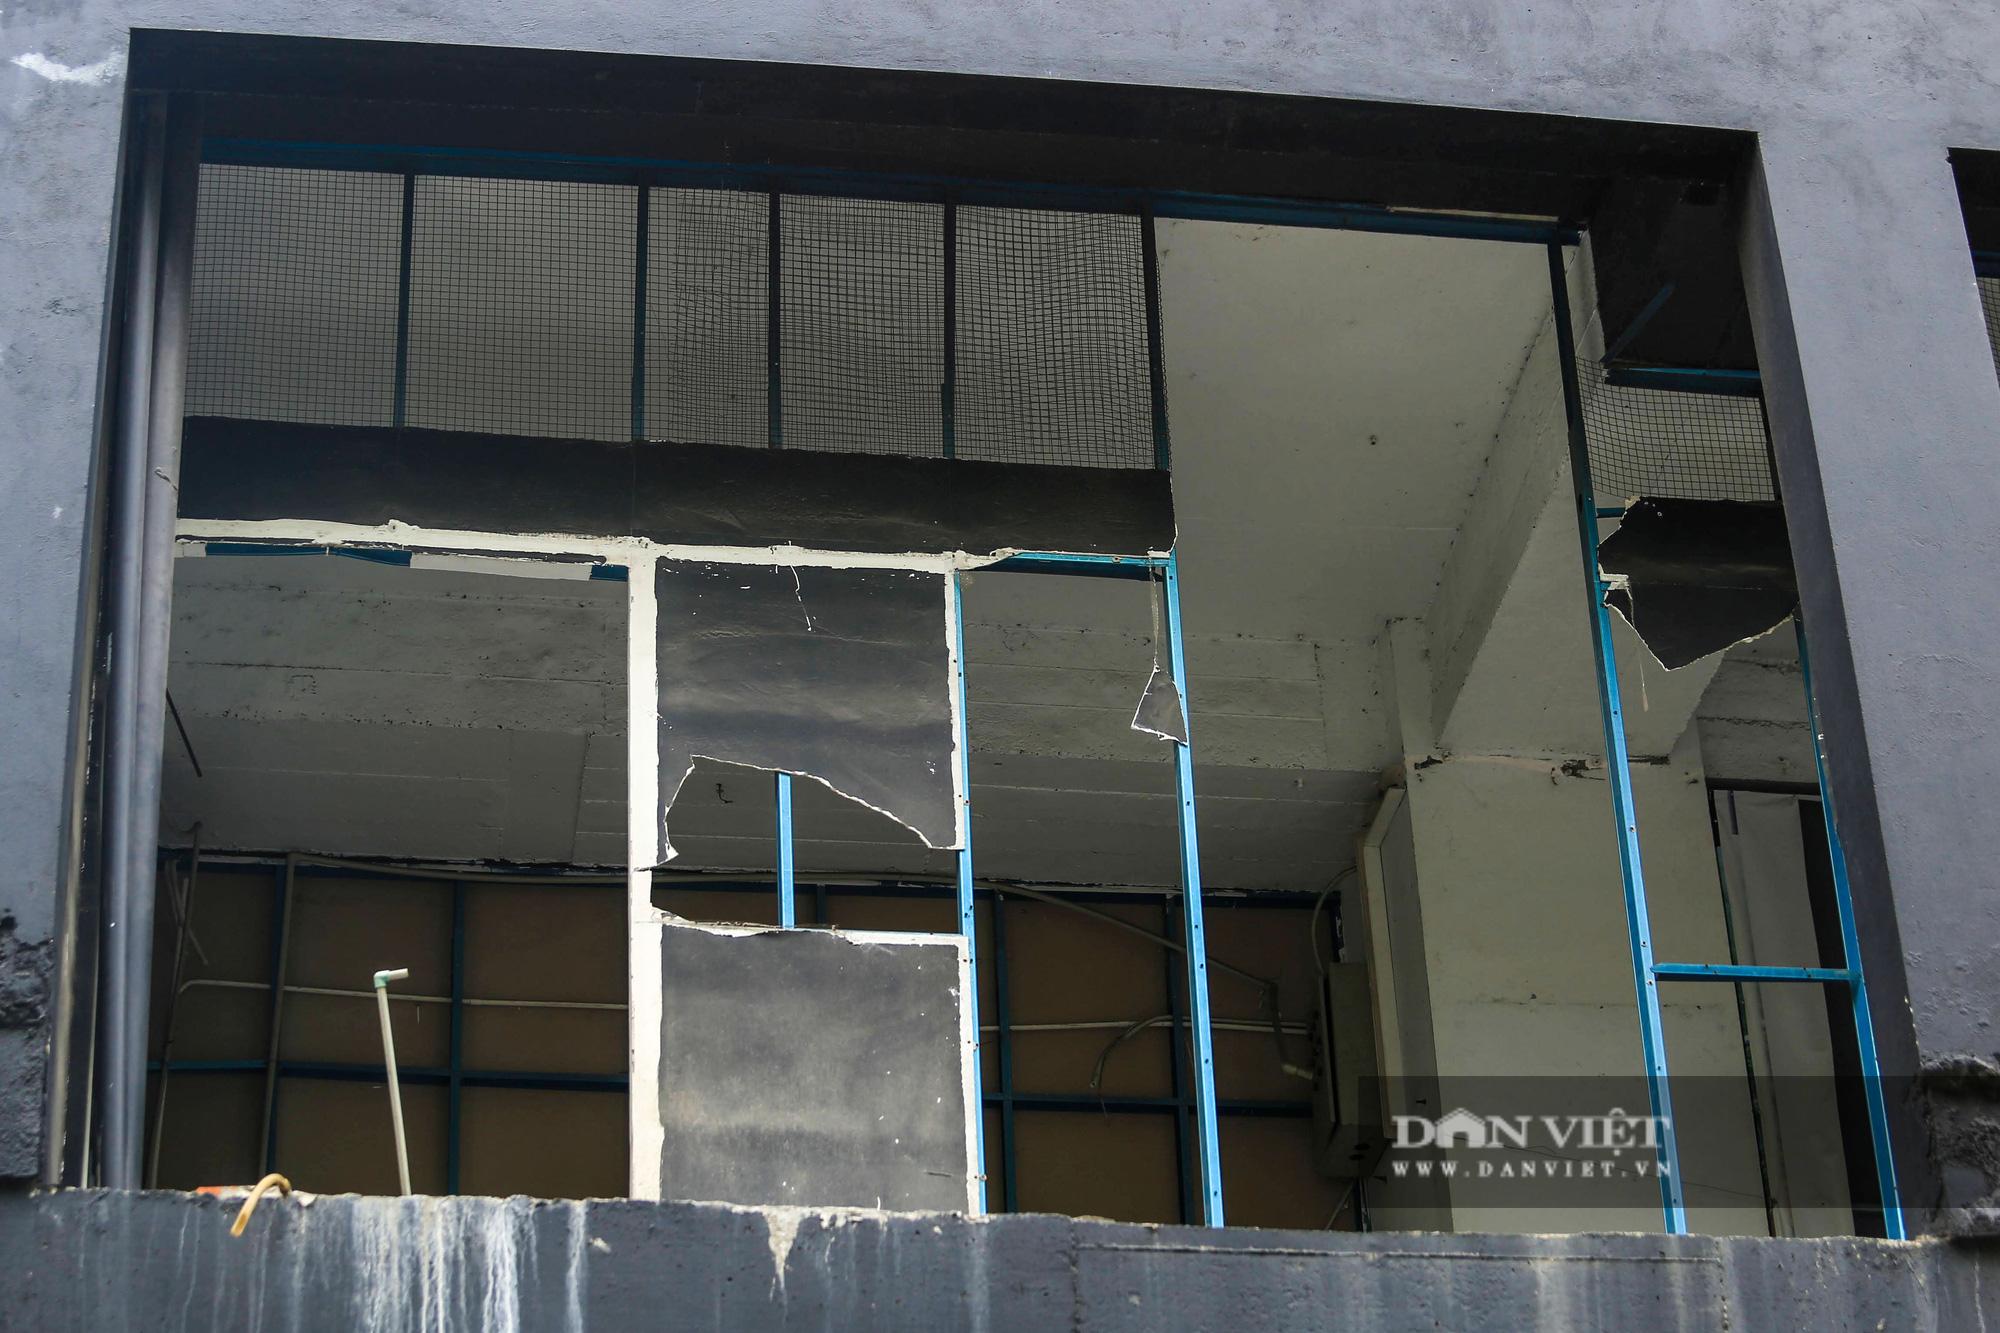 """Toàn cảnh dự án cao ốc 131 Thái Hà bị """"lãng quên"""" hơn 1 thập kỷ - Ảnh 6."""